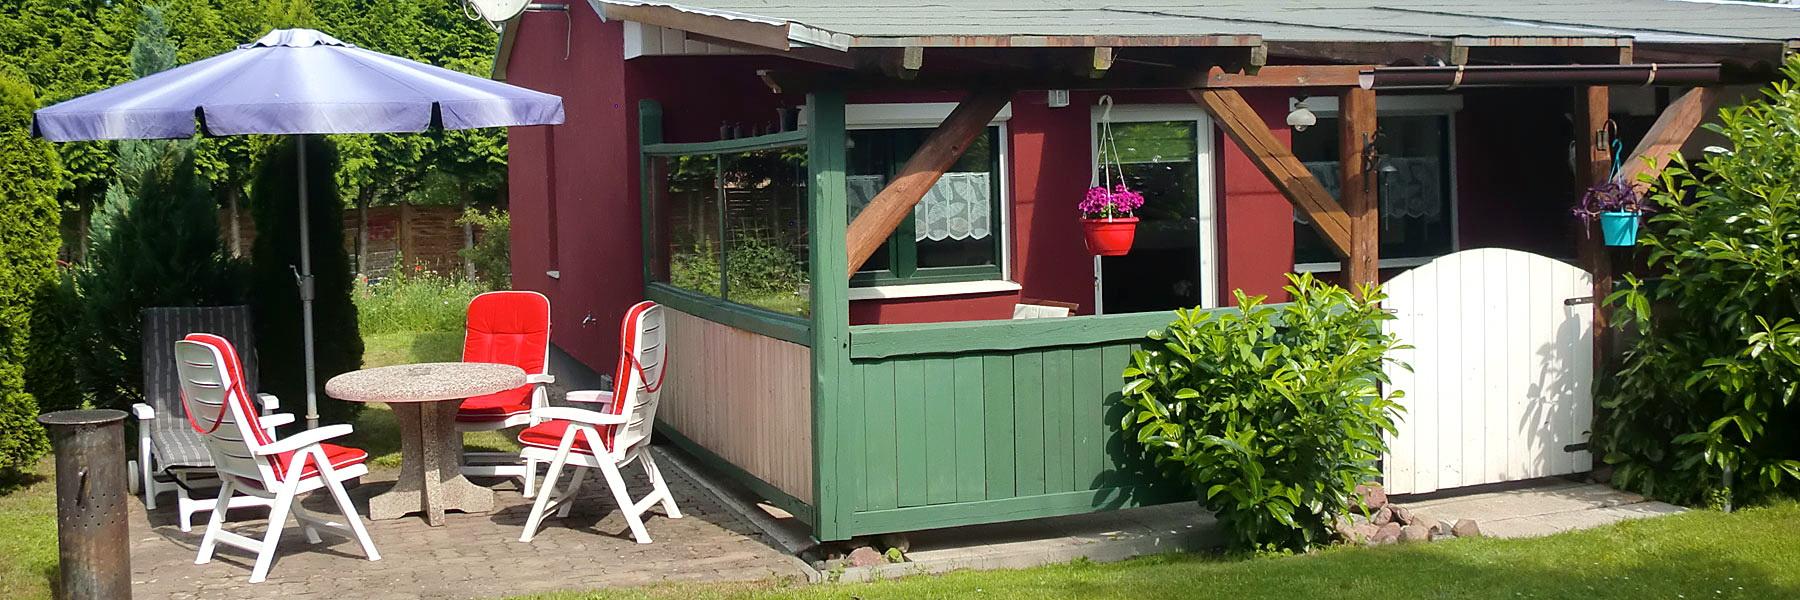 Terrasse & Garten - Ferienwohnungen Familie Paape